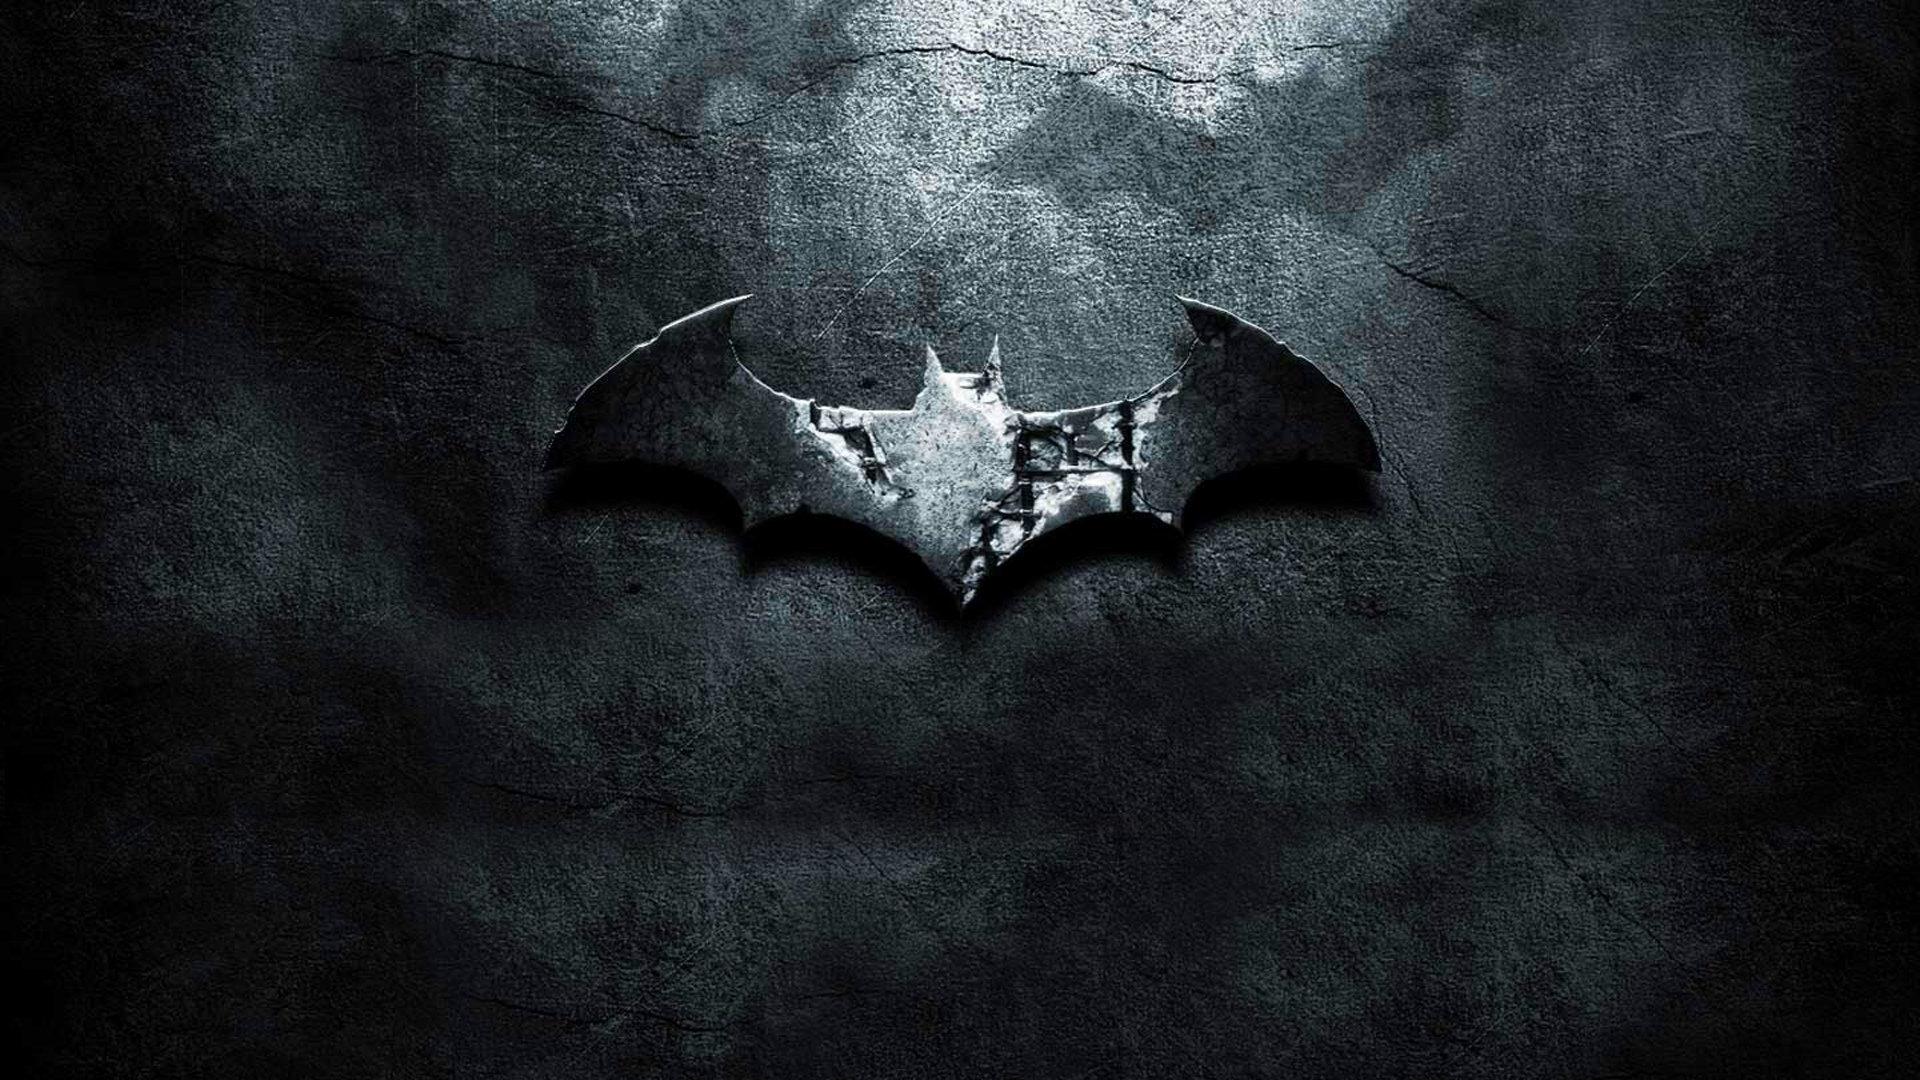 Batman Logo Wallpaper Hd 19202151080 21882 HD Wallpaper Res 1920x1080